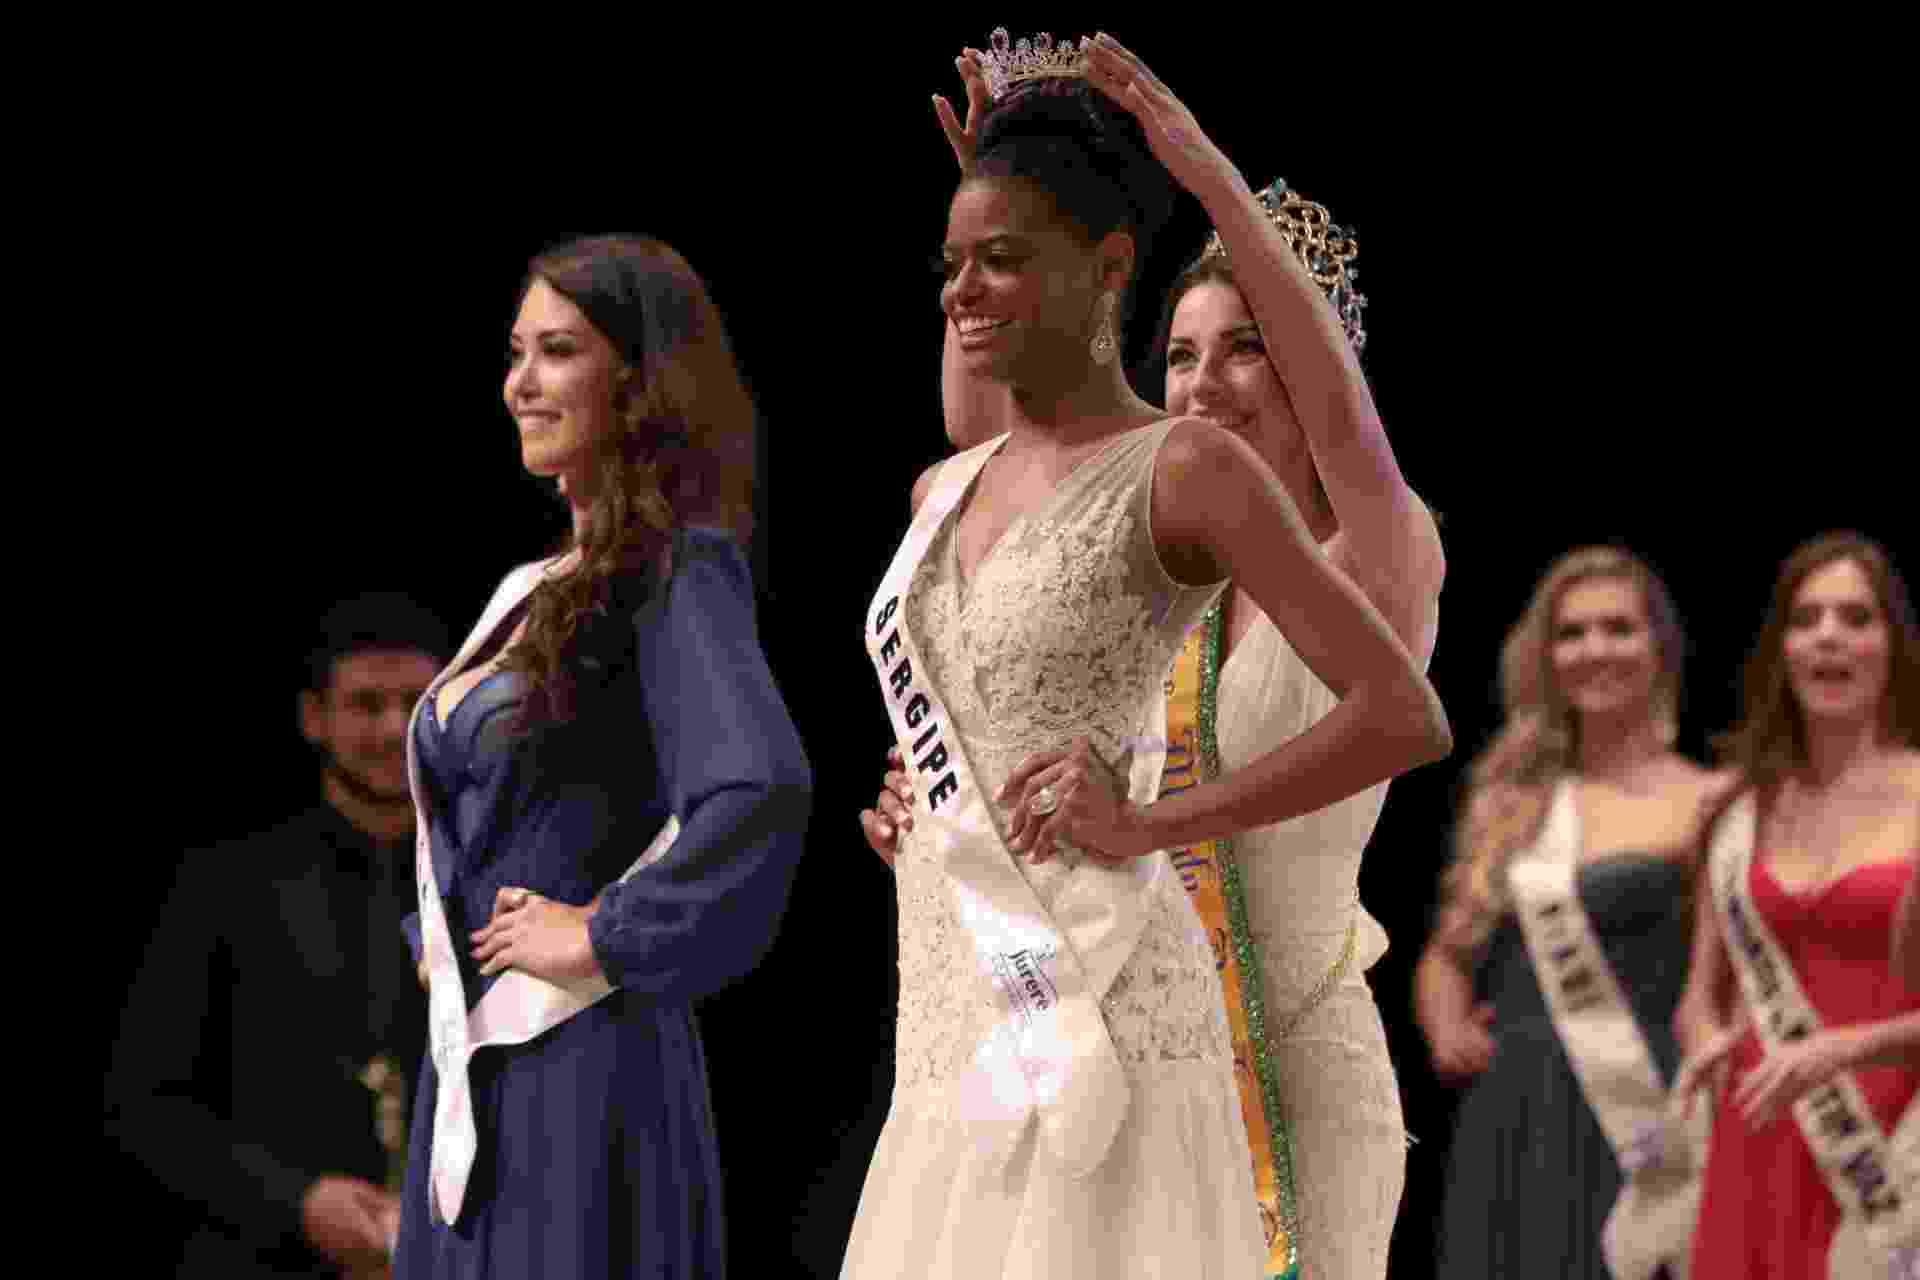 Ana Luísa Castro, candidata de Sergipe, recebe a coroa de Miss Mundo Brasil 2015 - Marco Dutra/UOL